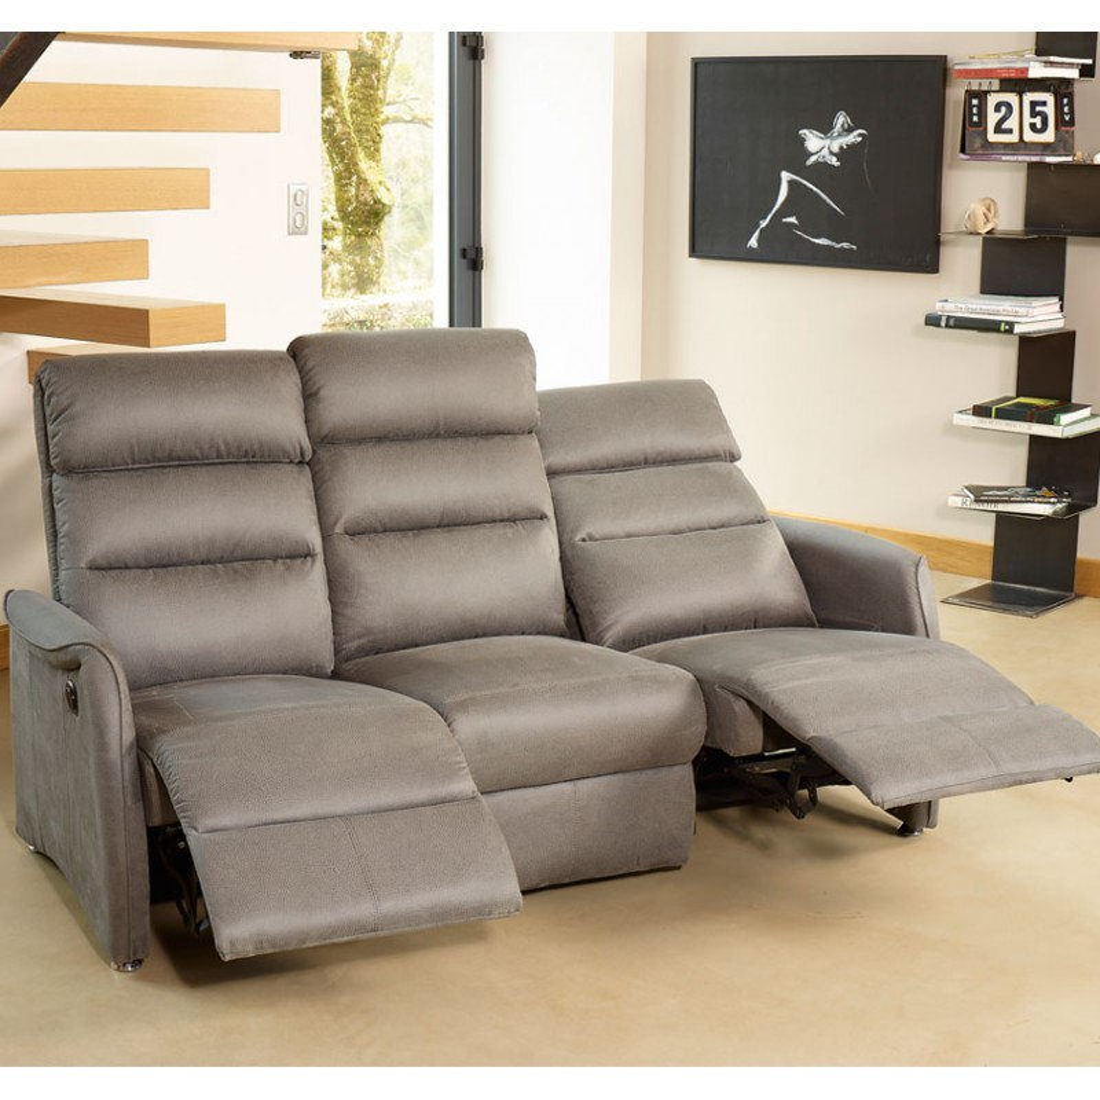 canap de relax lectrique 3p gris softy univers salon tousmesmeubles. Black Bedroom Furniture Sets. Home Design Ideas